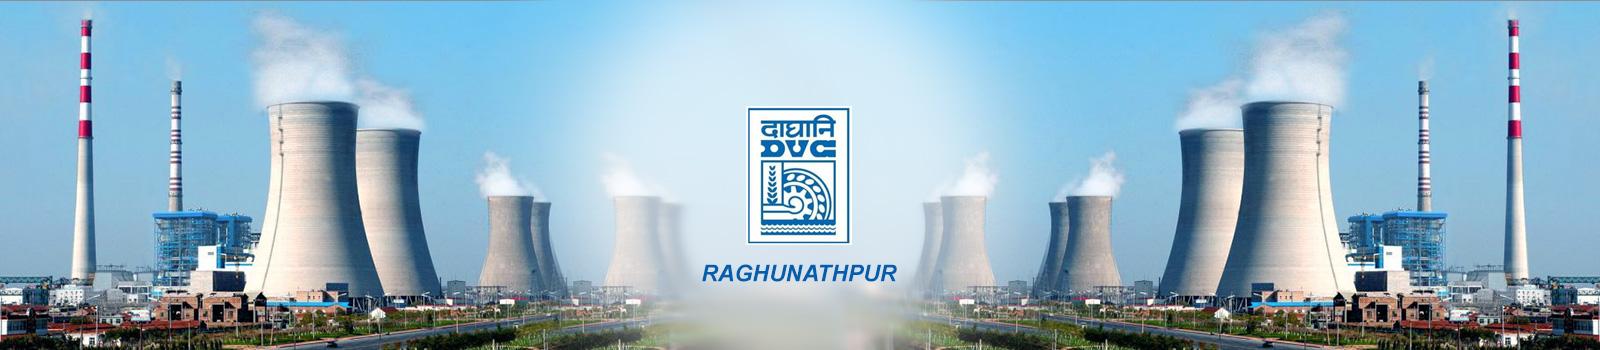 DVC, Raghunathpur